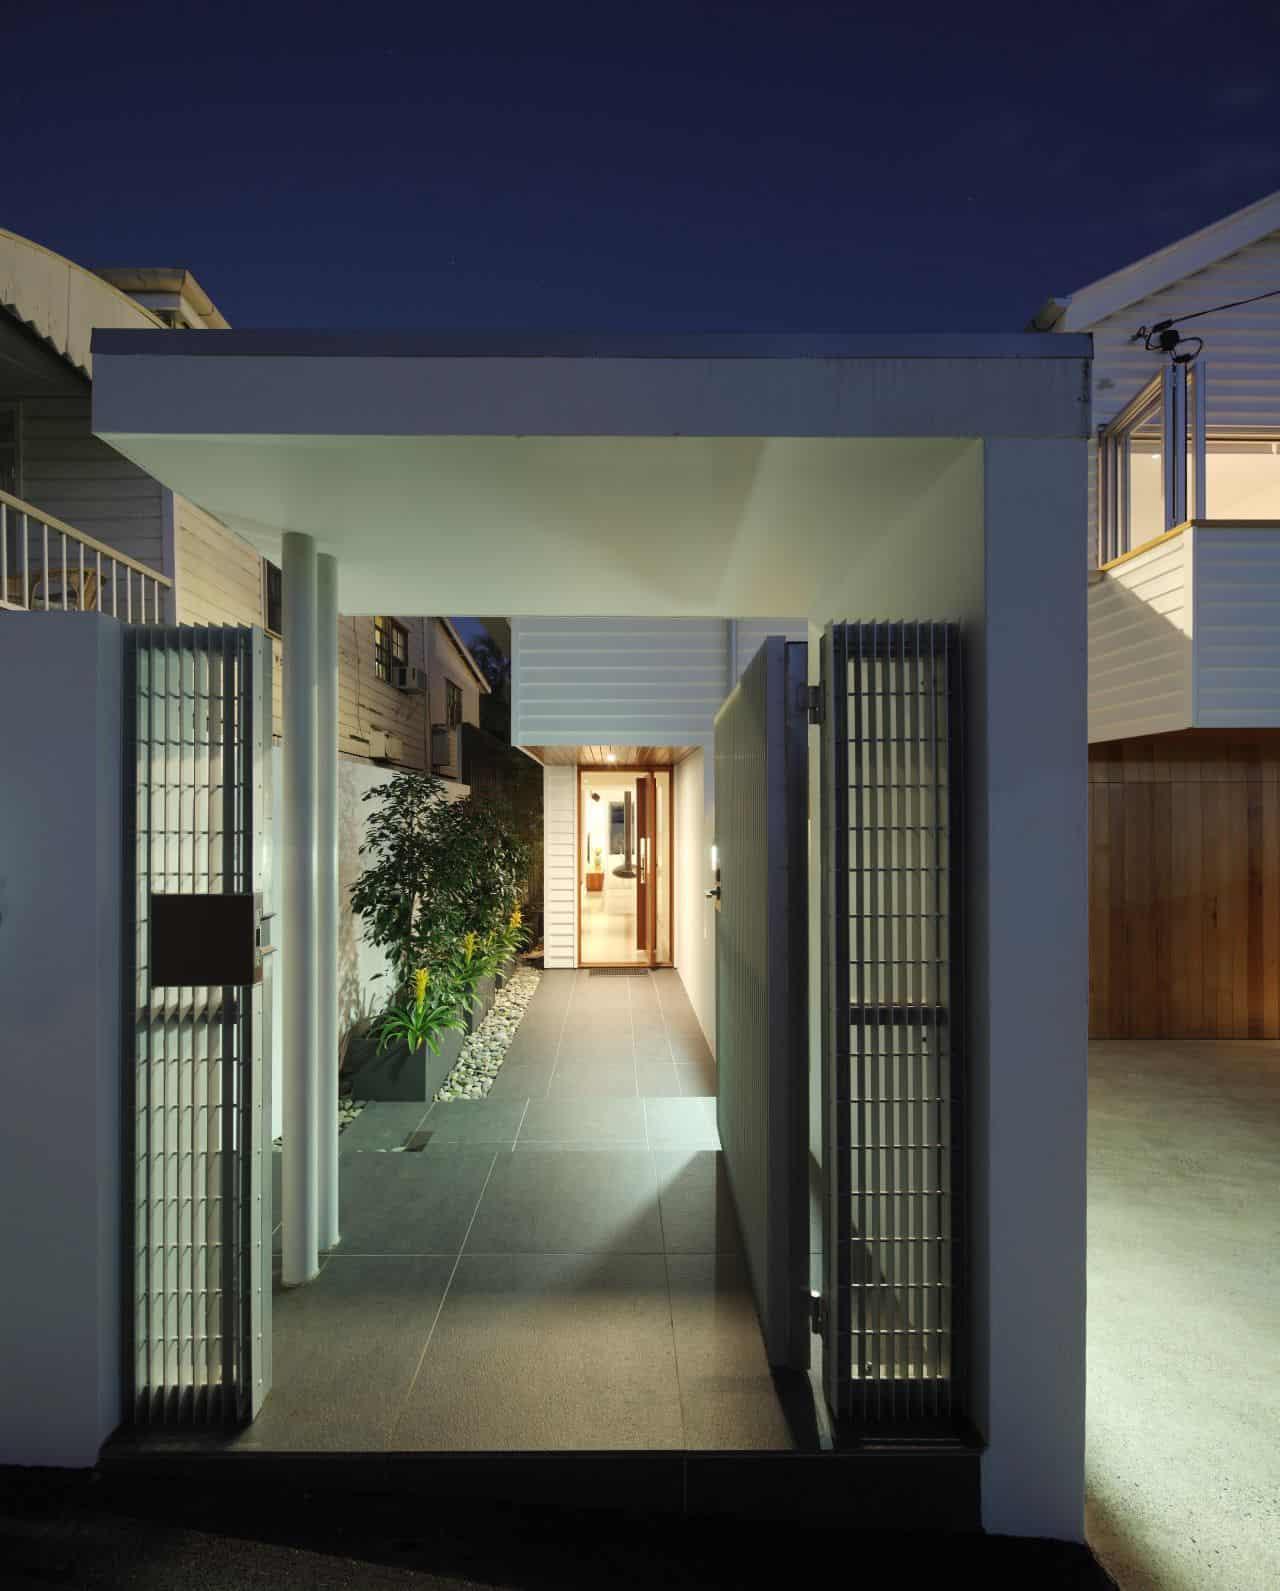 105 V House by Shaun Lockyer Architects (11)